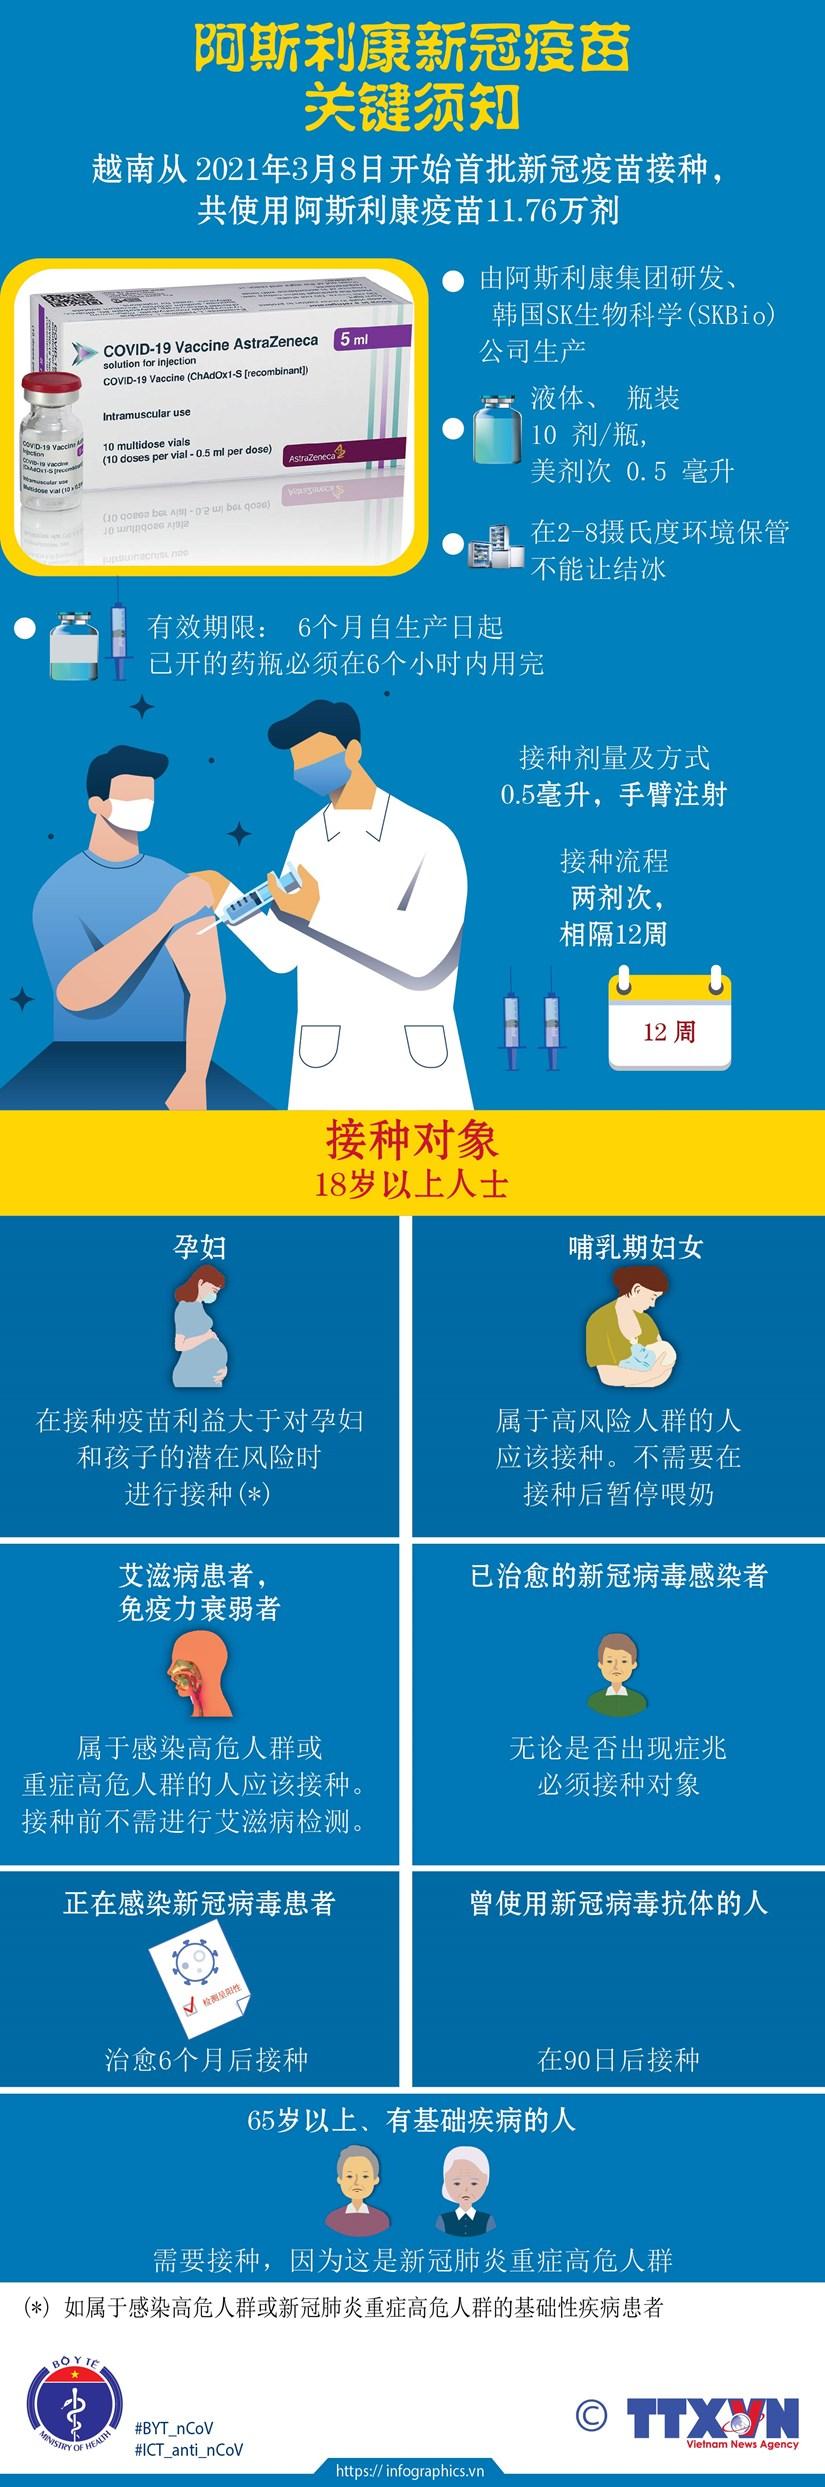 图表新闻:阿斯利康新冠疫苗关键须知 hinh anh 1